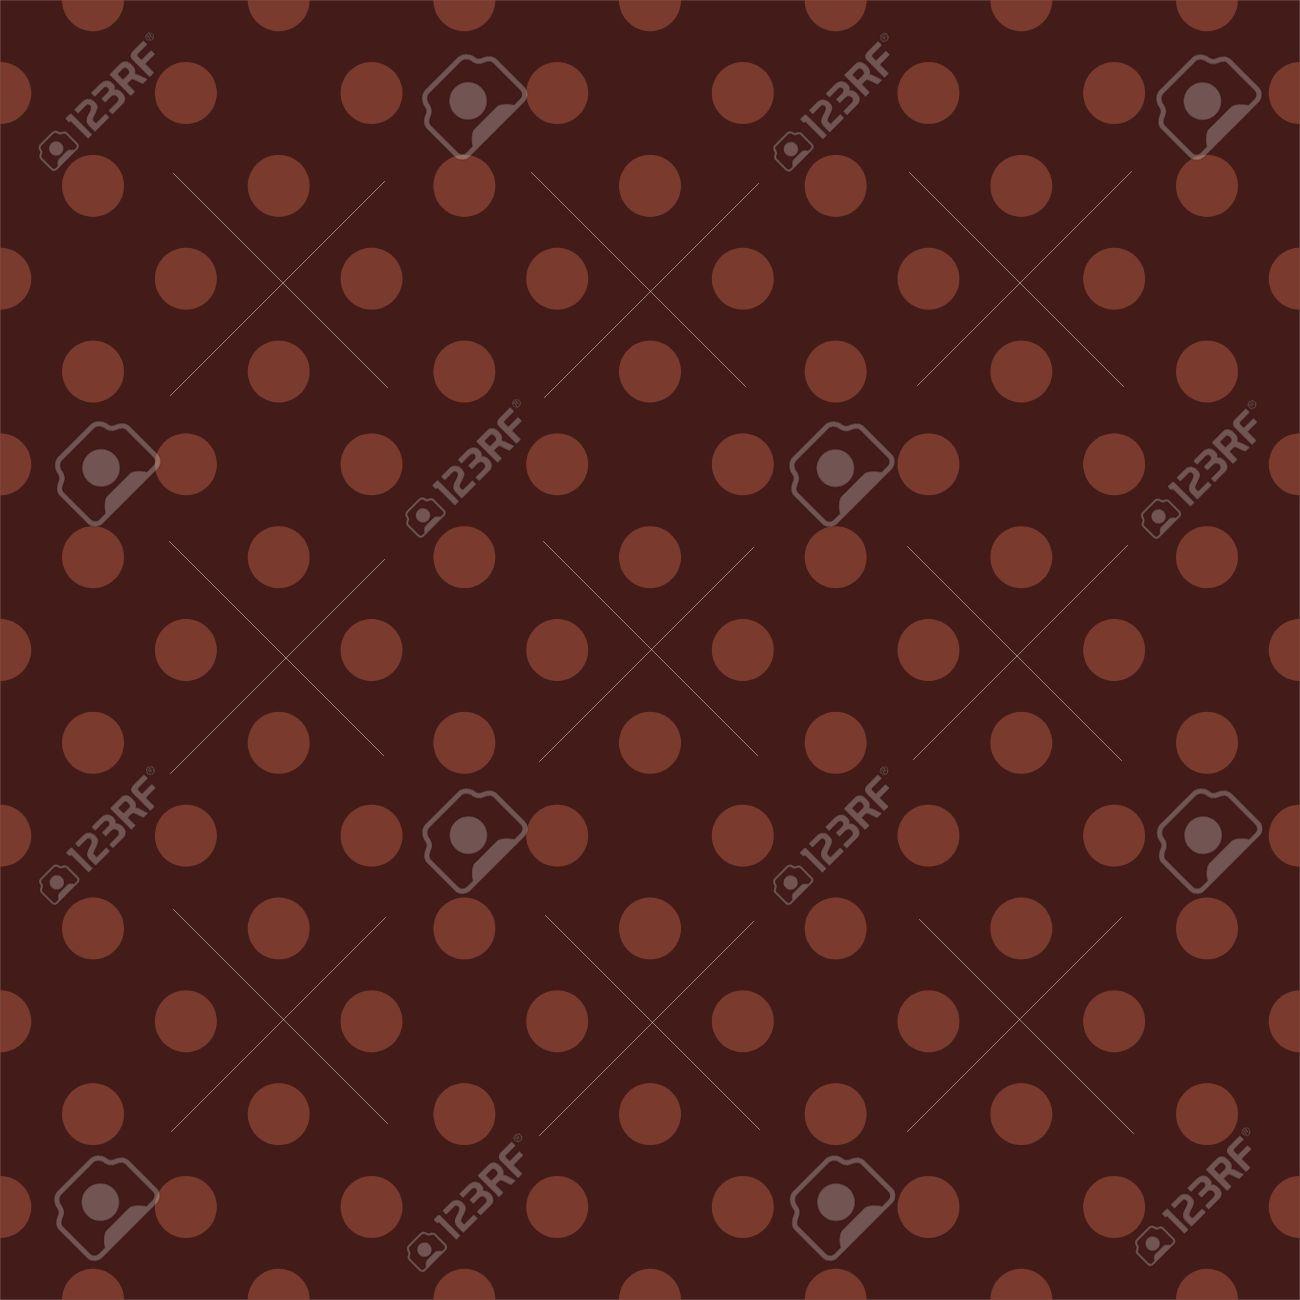 seamless fond sombre ou de la texture a pois marron clair sur fonce fond brun chocolat pour fond d ecran blog conception de sites web les enfants